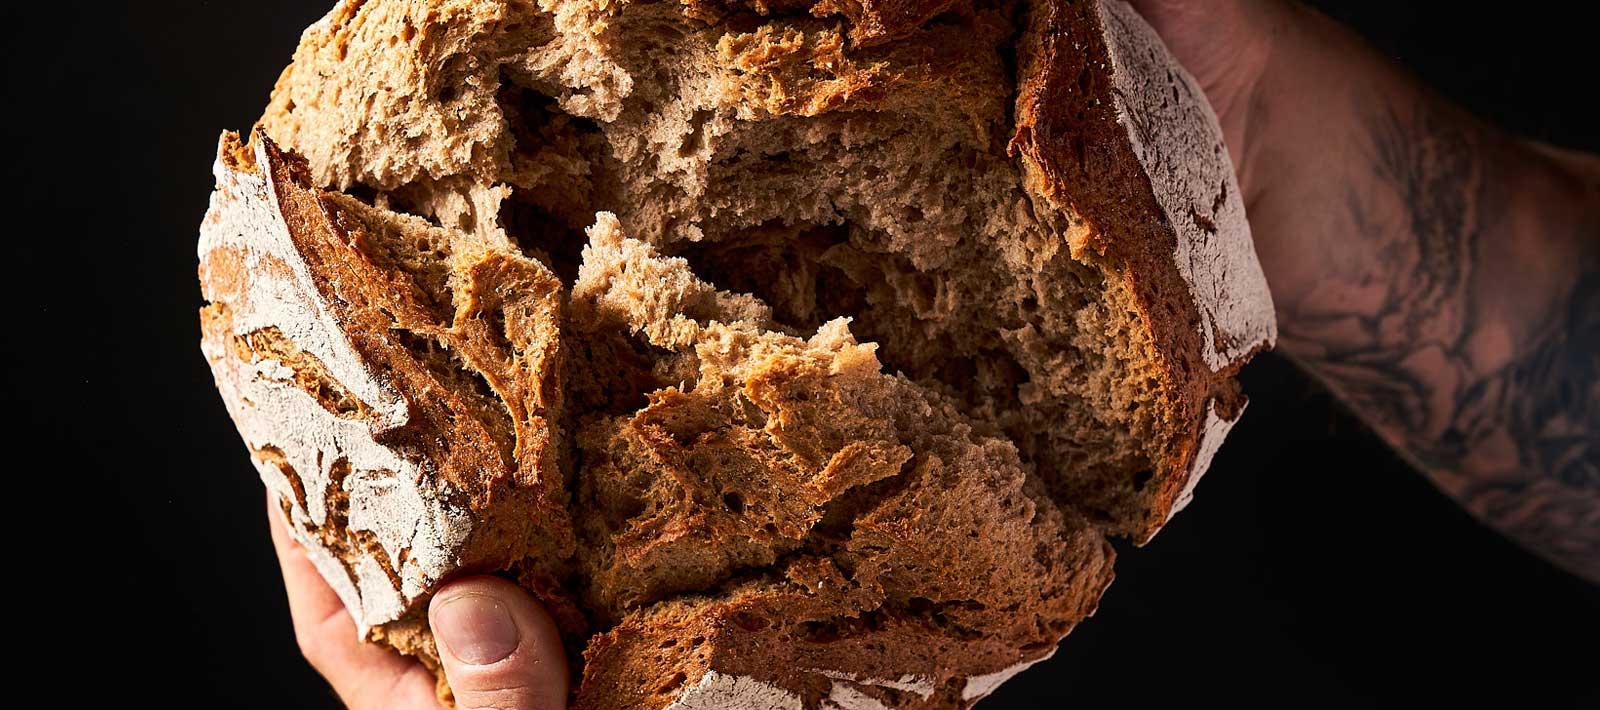 Brot Zutaten: So backen wir richtig gutes Brot